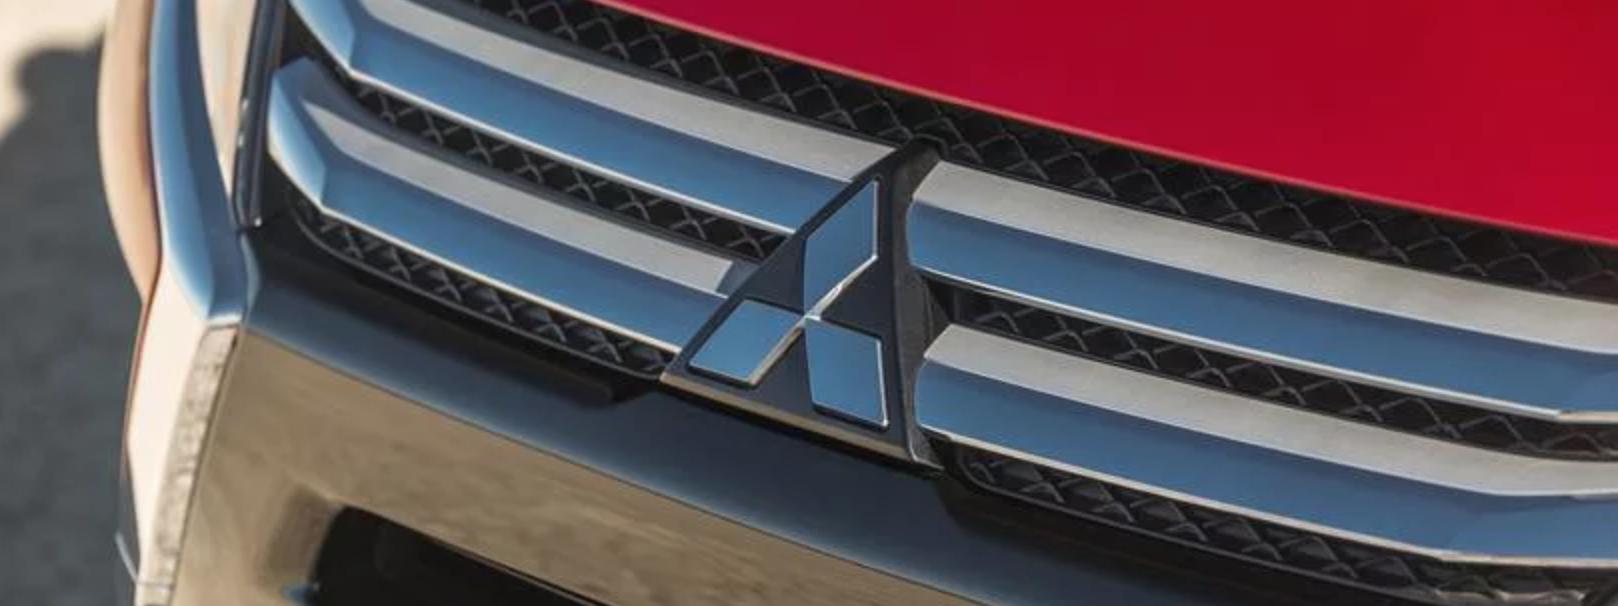 Mitsubishi Service